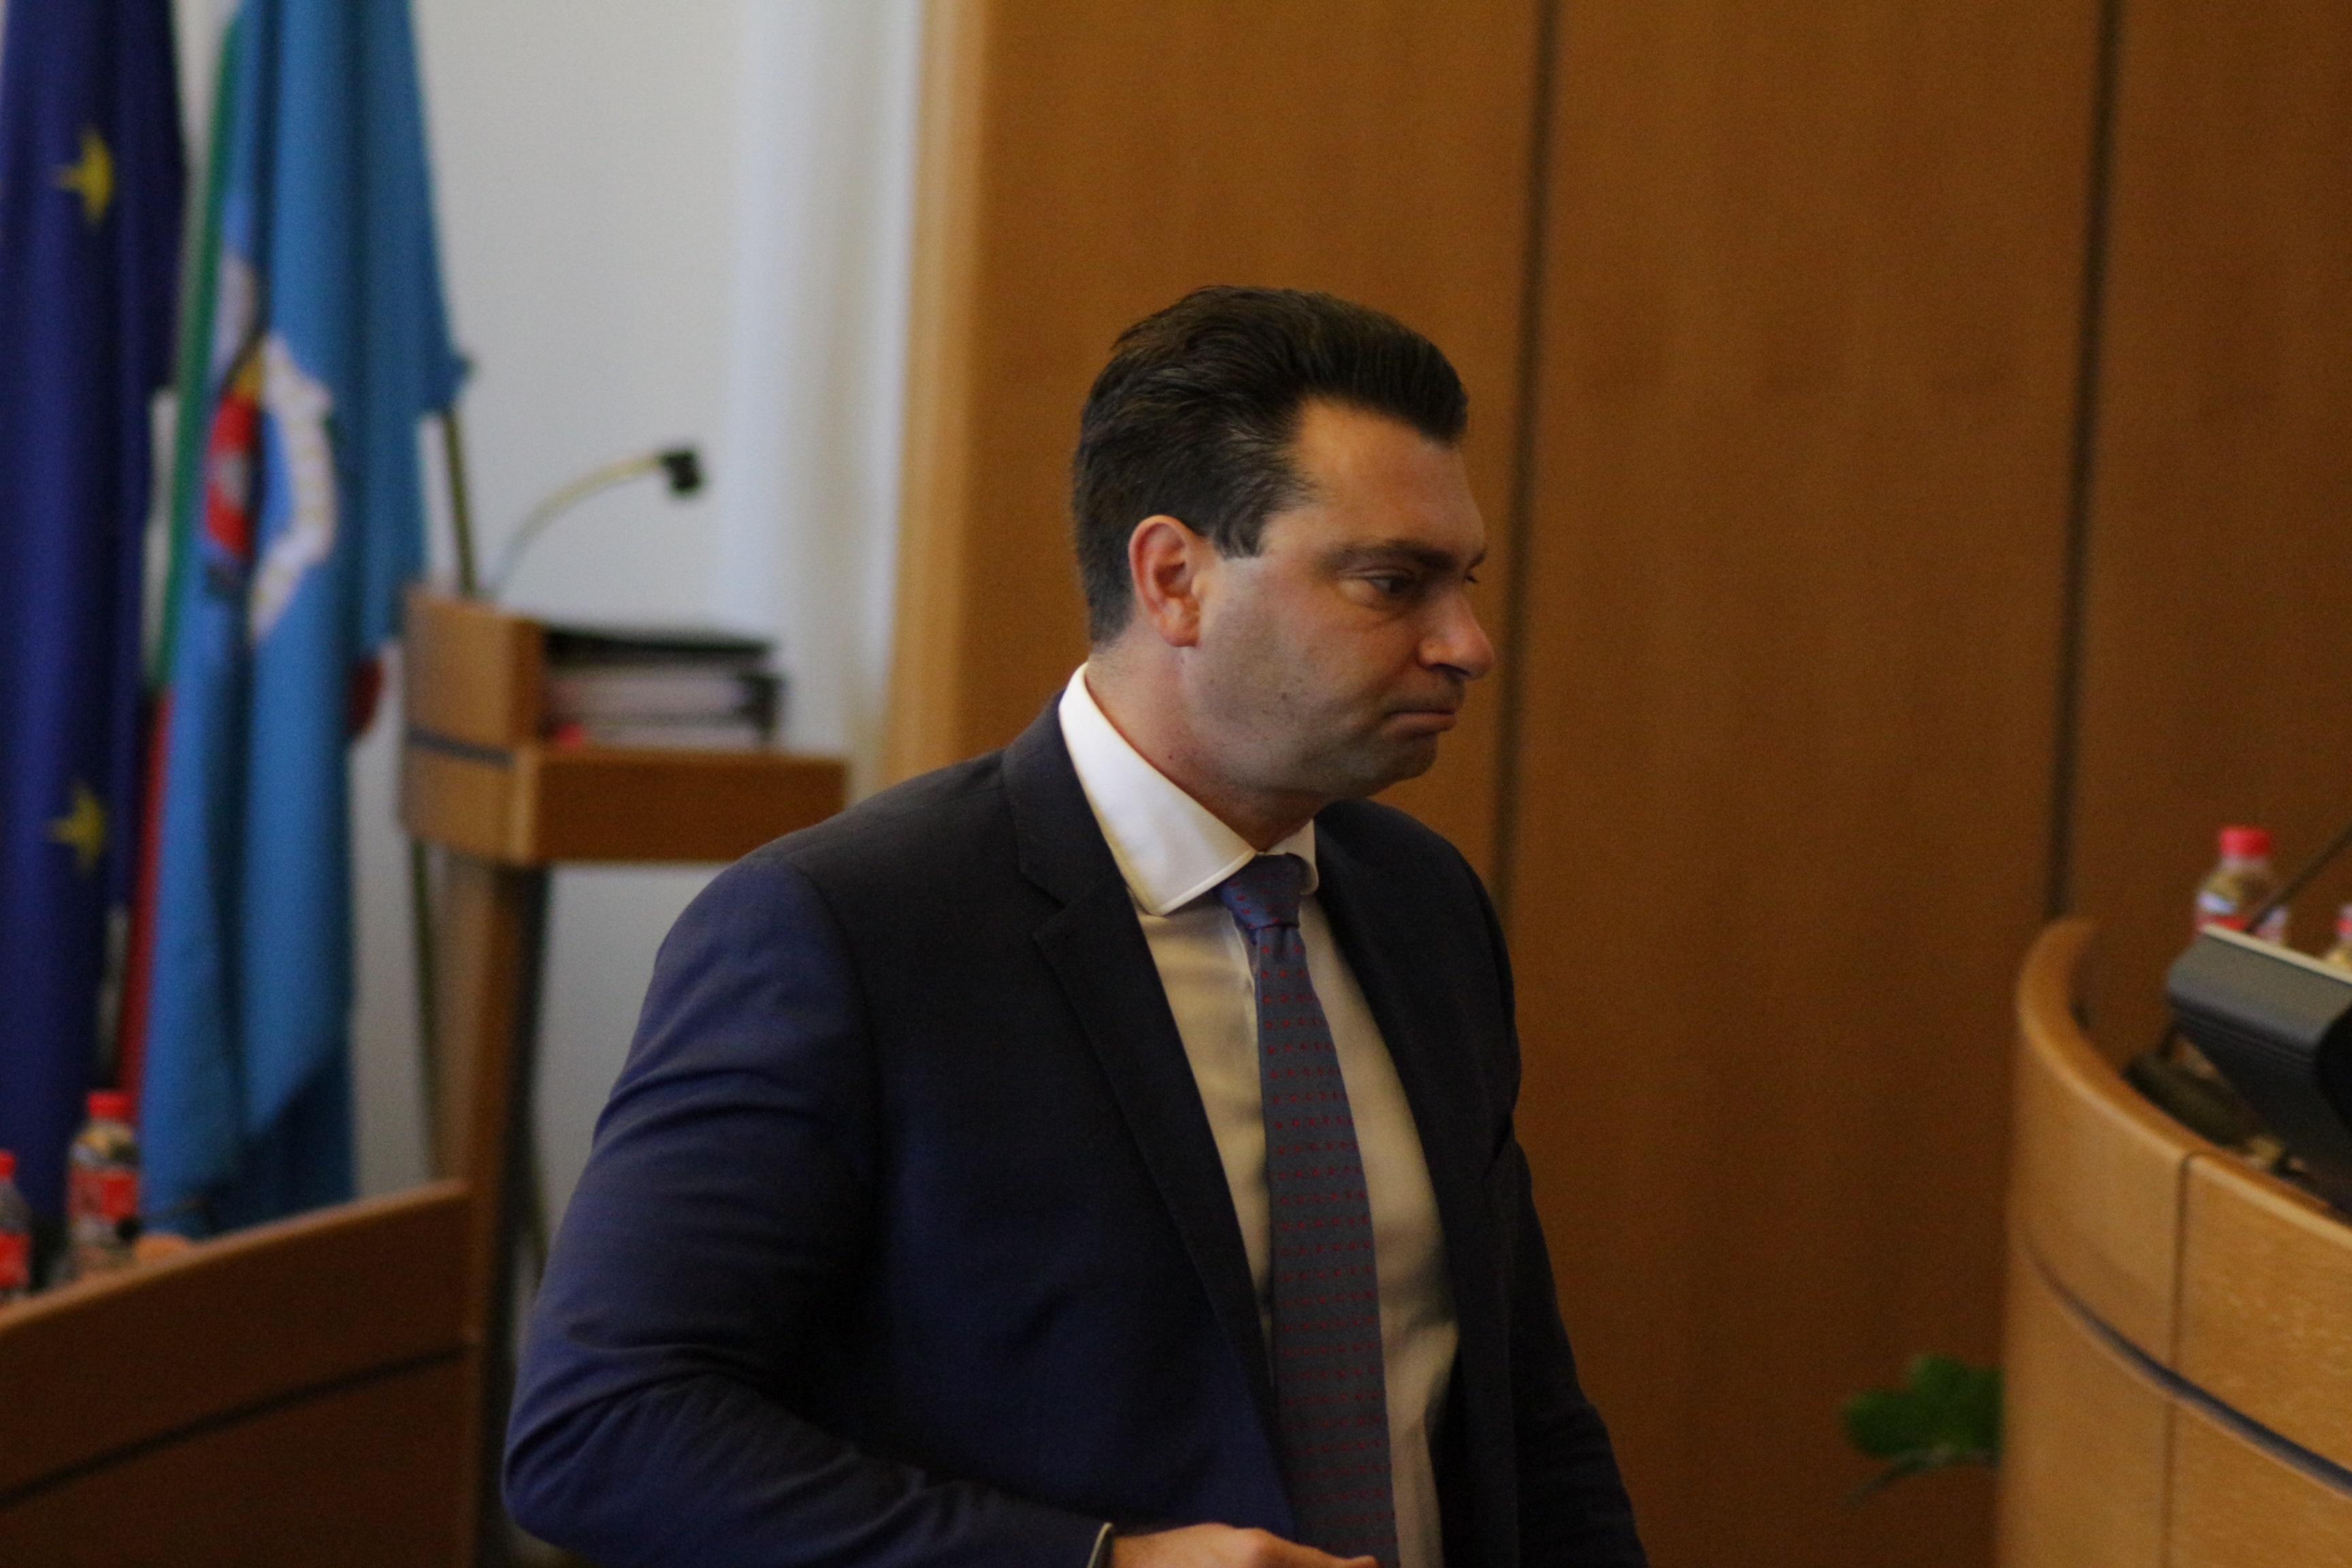 11 са кандидатите за мястото на Калоян Паргов в БСП-София